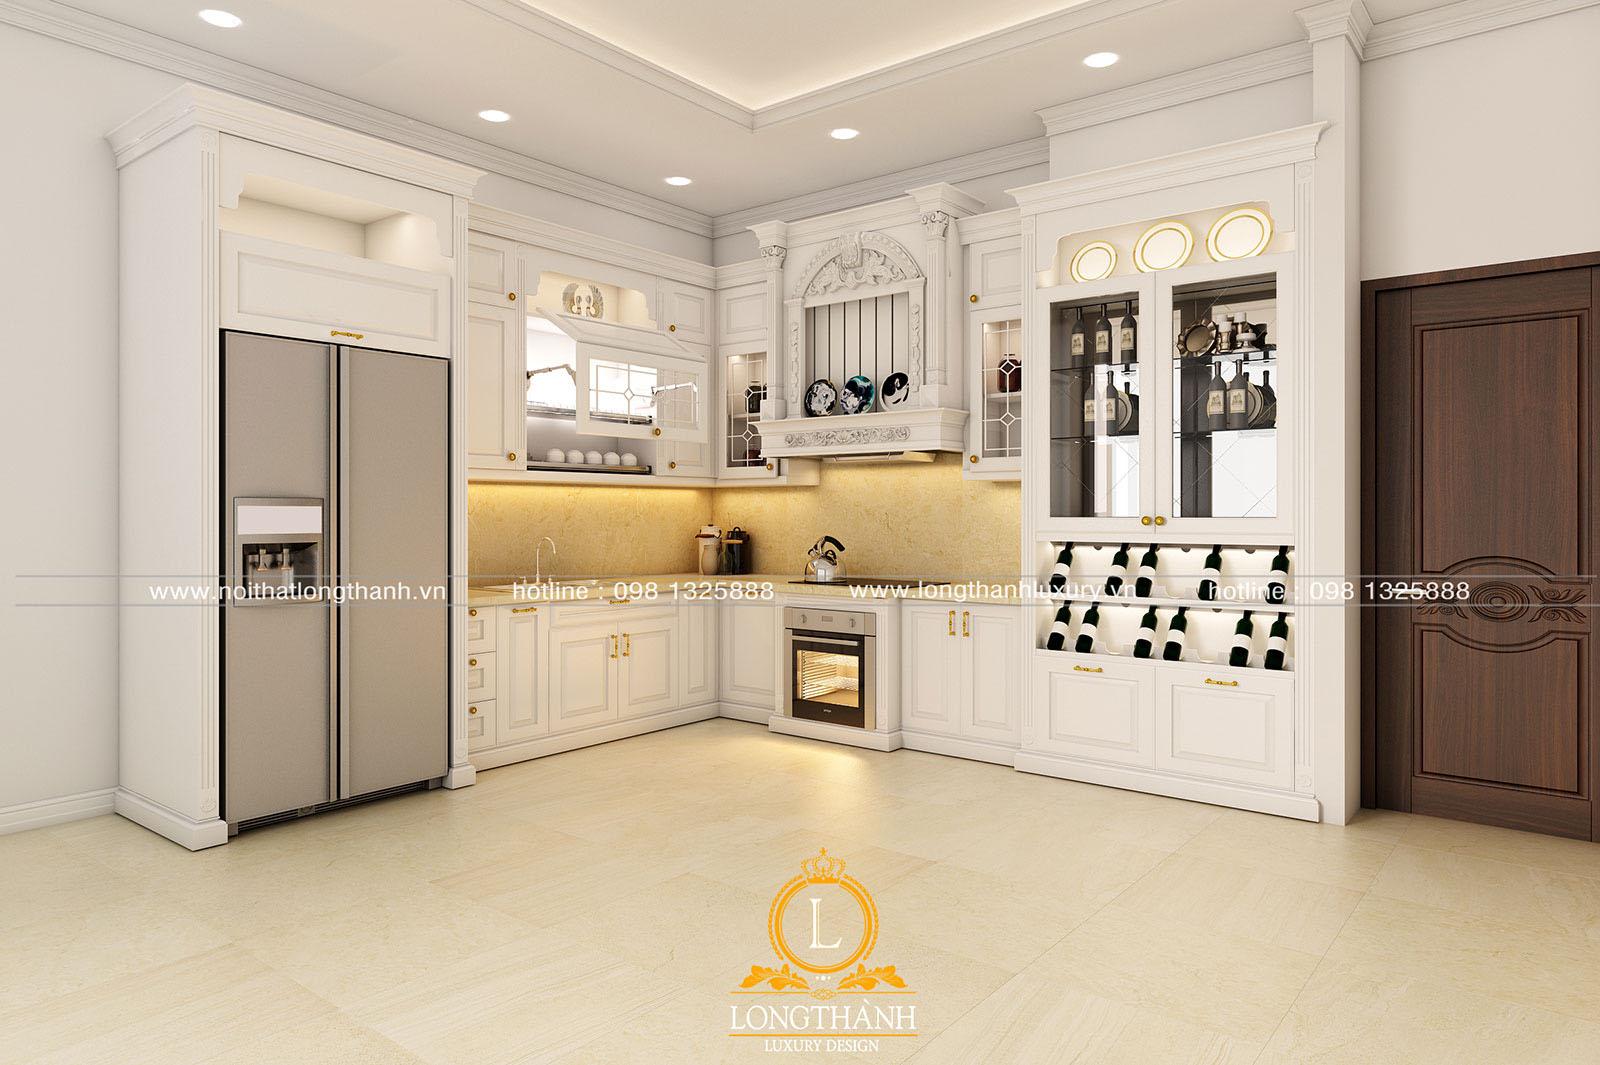 Tủ bếp gỗ tự nhiên sơn trắng đẹp LT 59 góc nhìn thứ 1